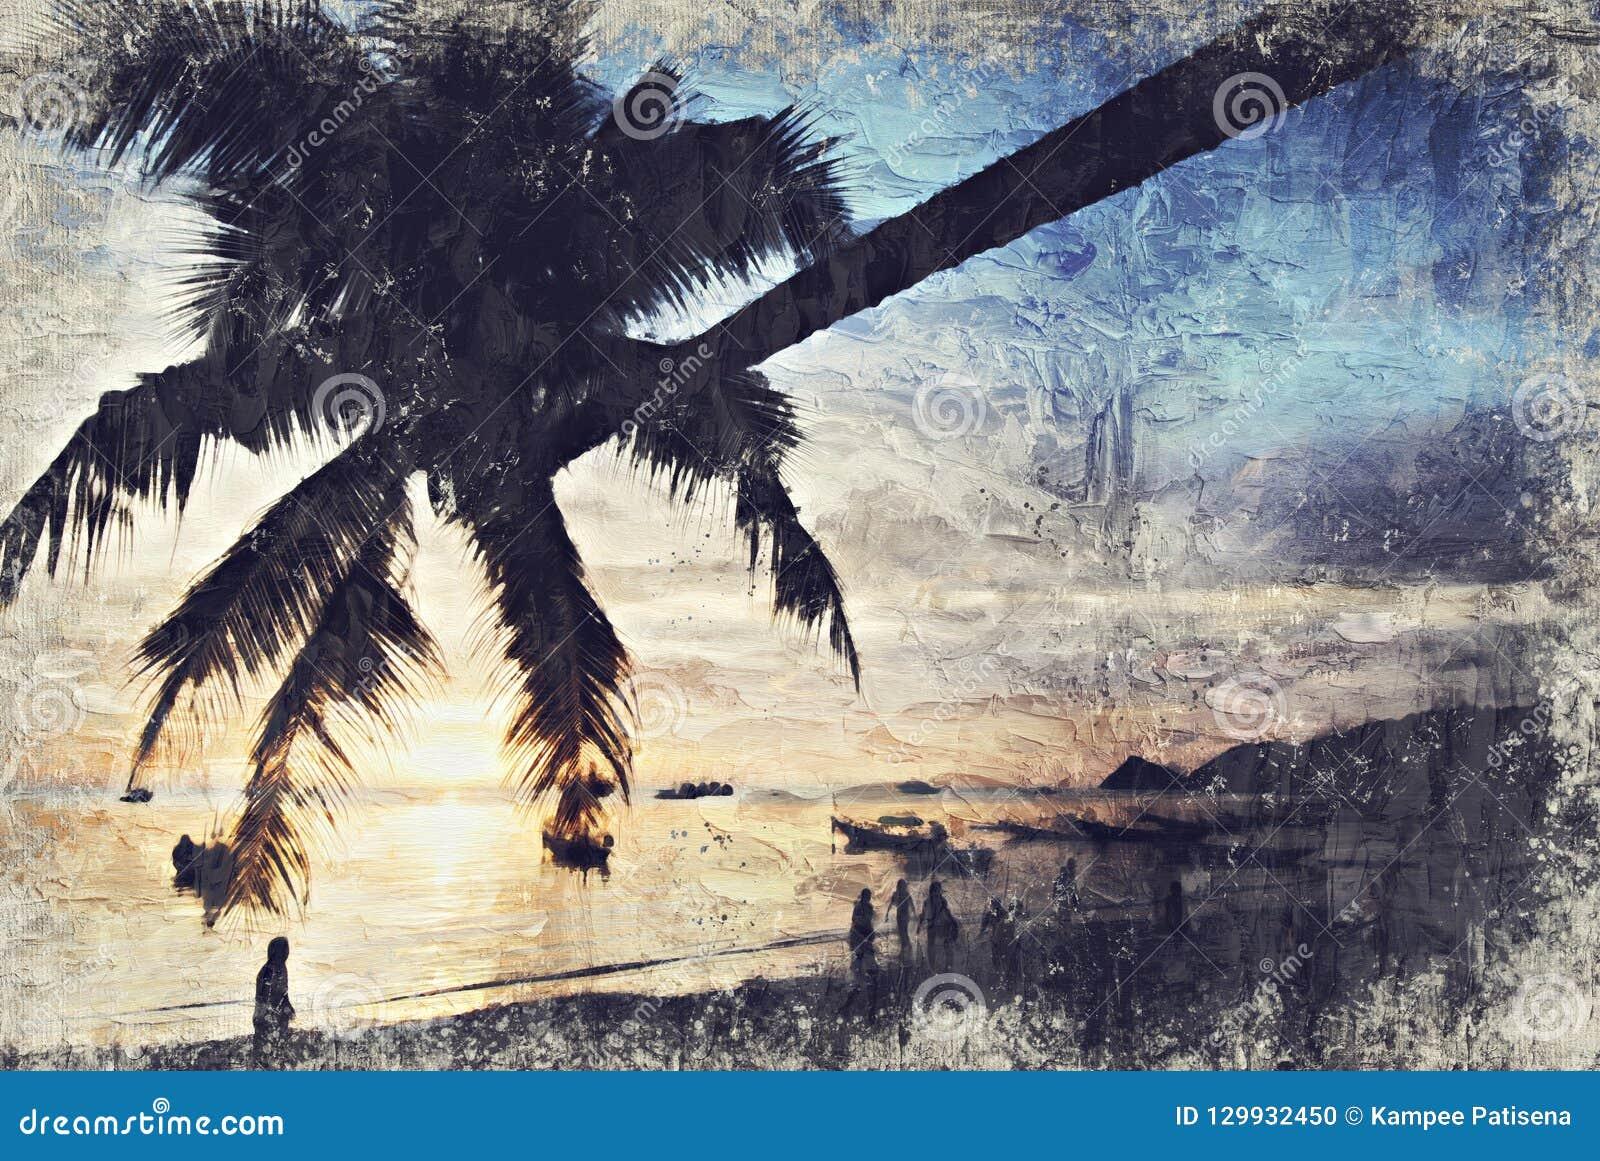 Cayo Guillermo Koh Tao Sunset Digitaal Art Impasto Oil Painting B